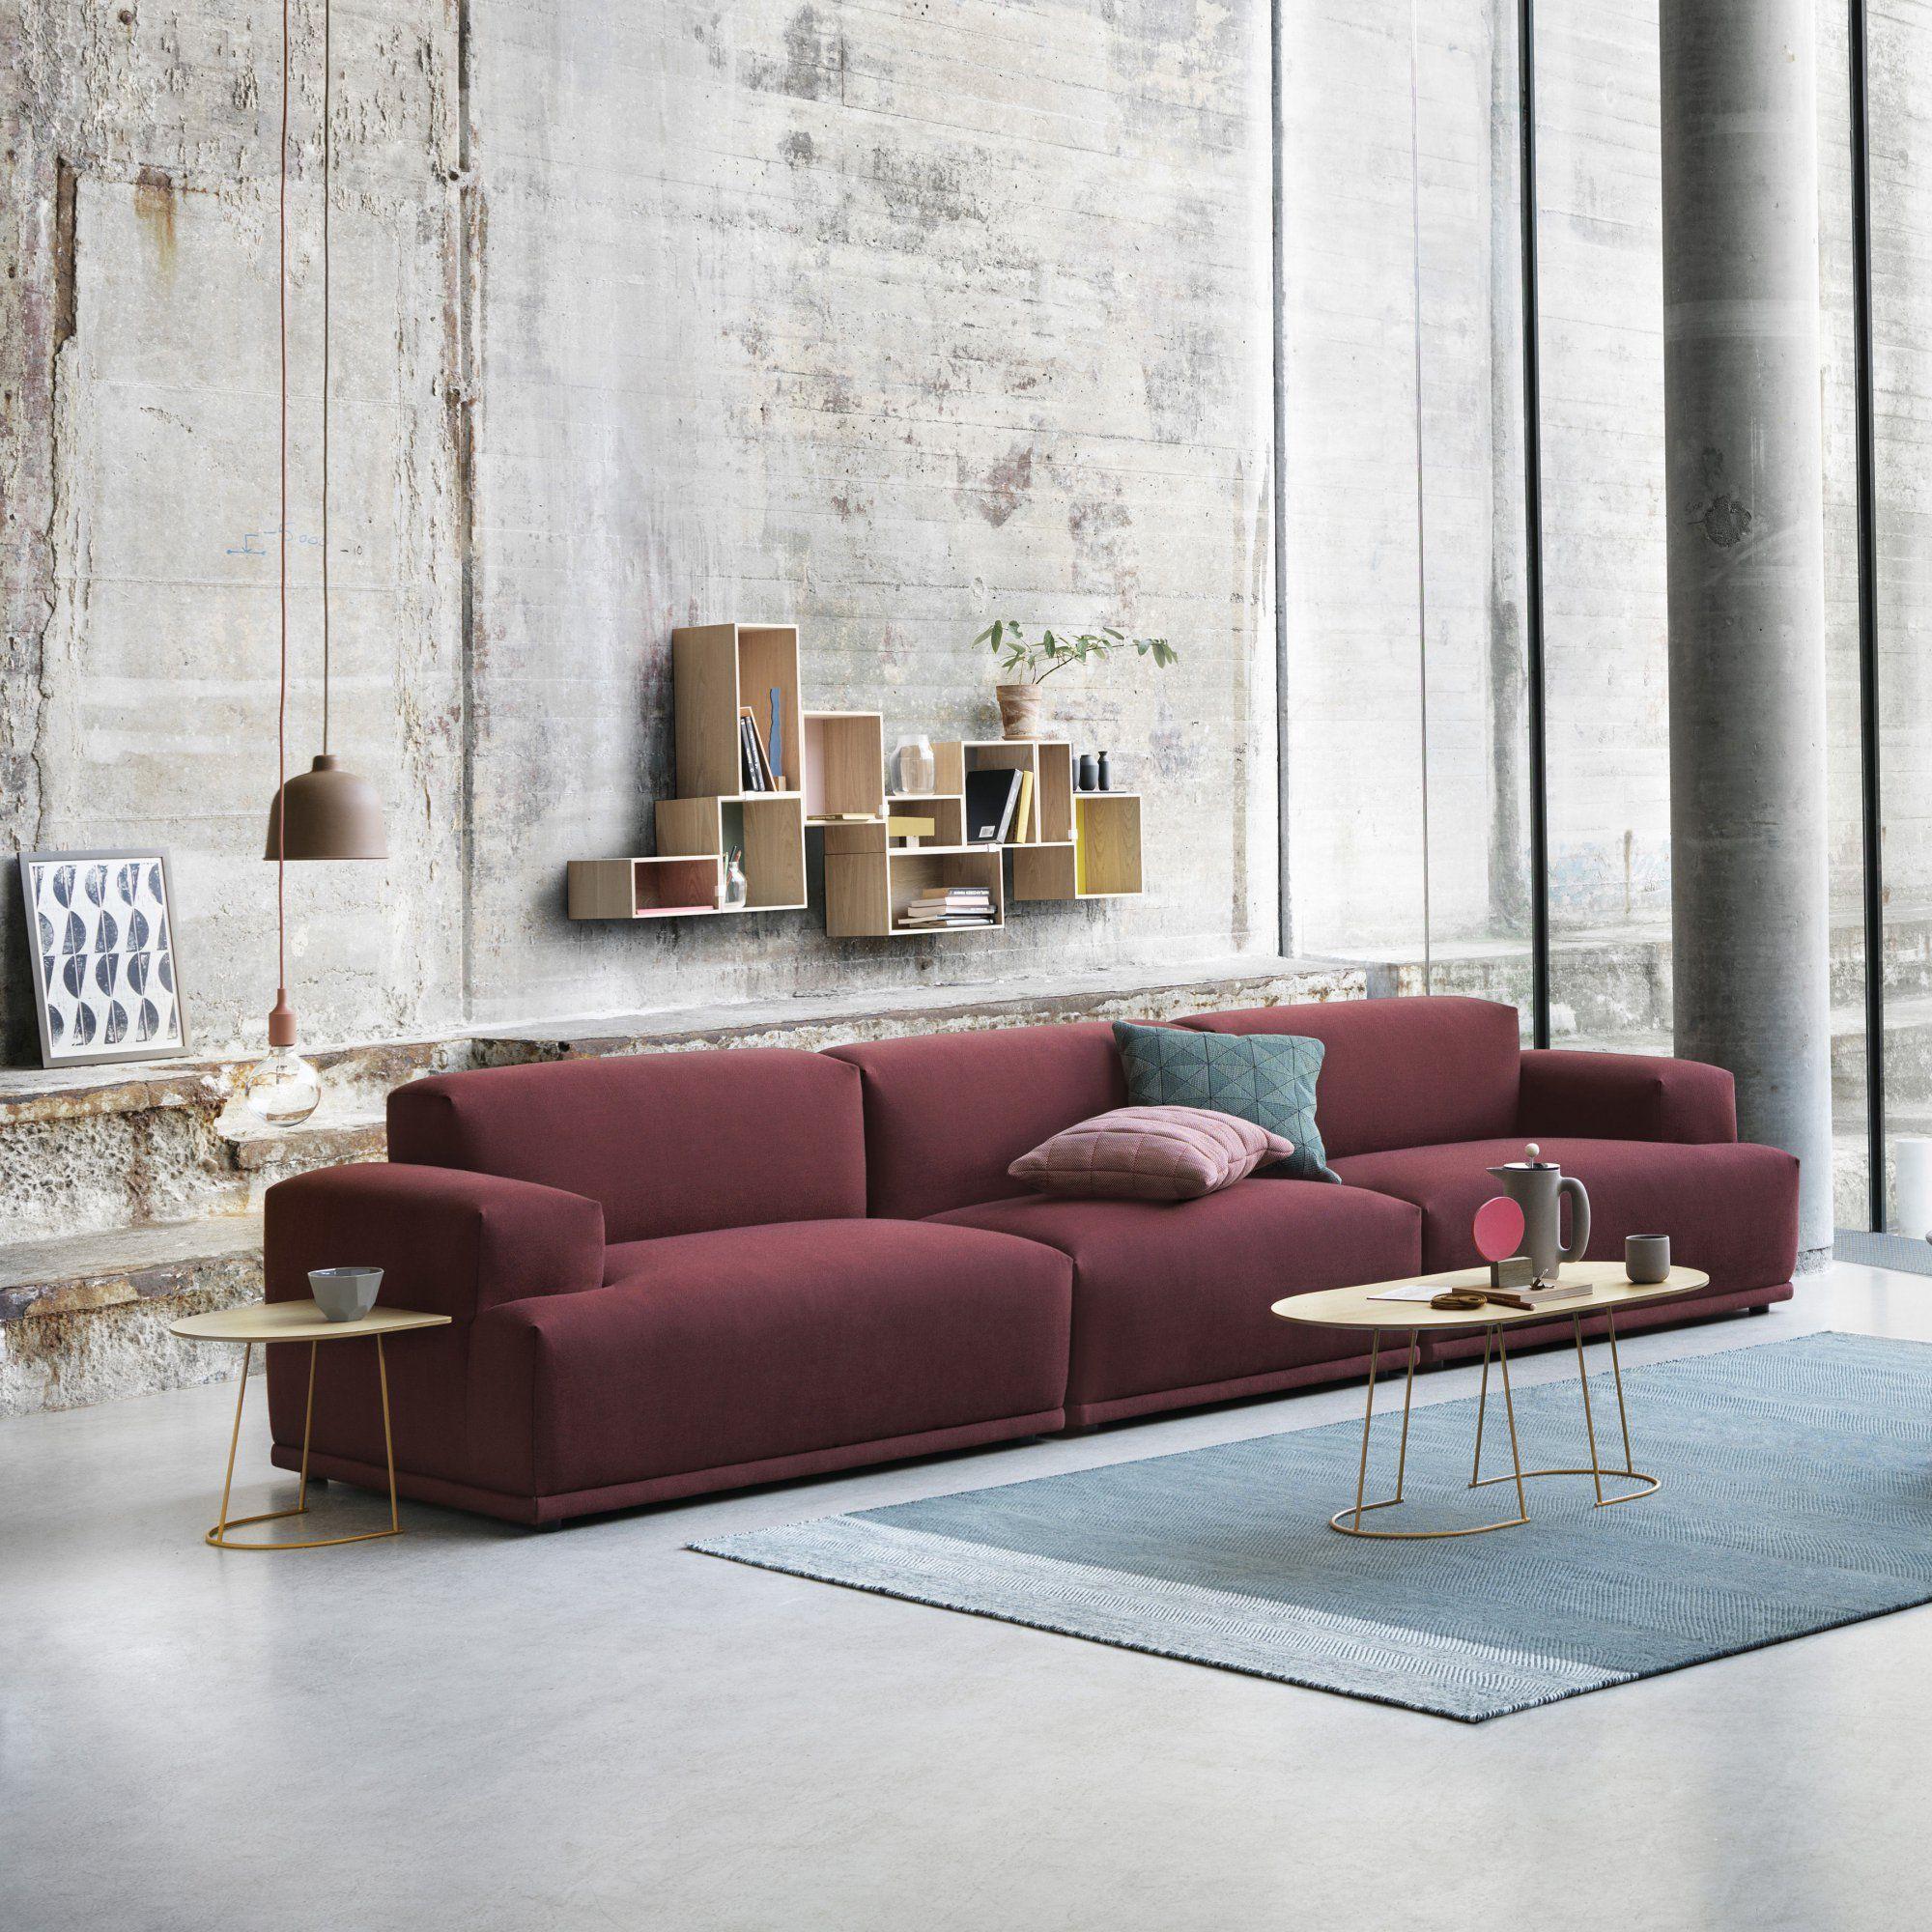 Un Canapé Bordeaux Droit Places Avec Coussins Pâles Pour Une - Canapé 3 places pour deco site